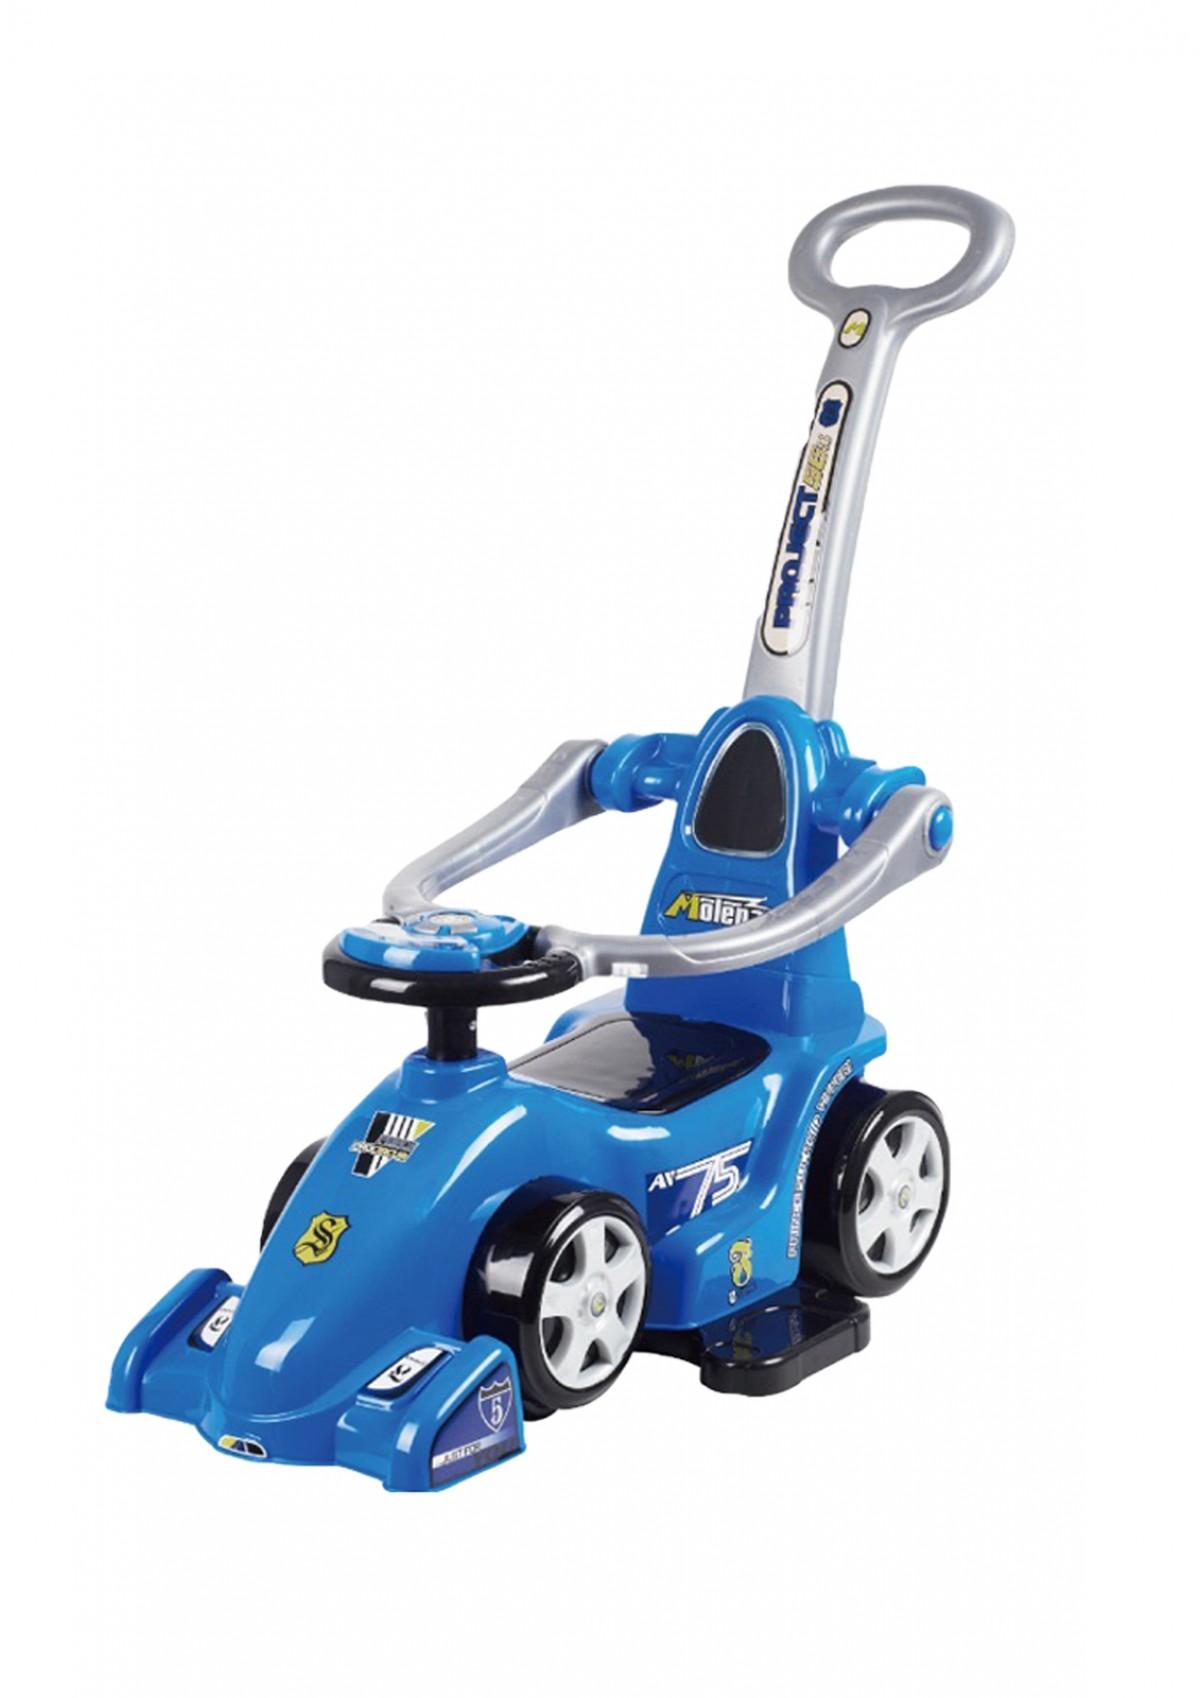 PN-602w Toy Car - Kico Baby Center